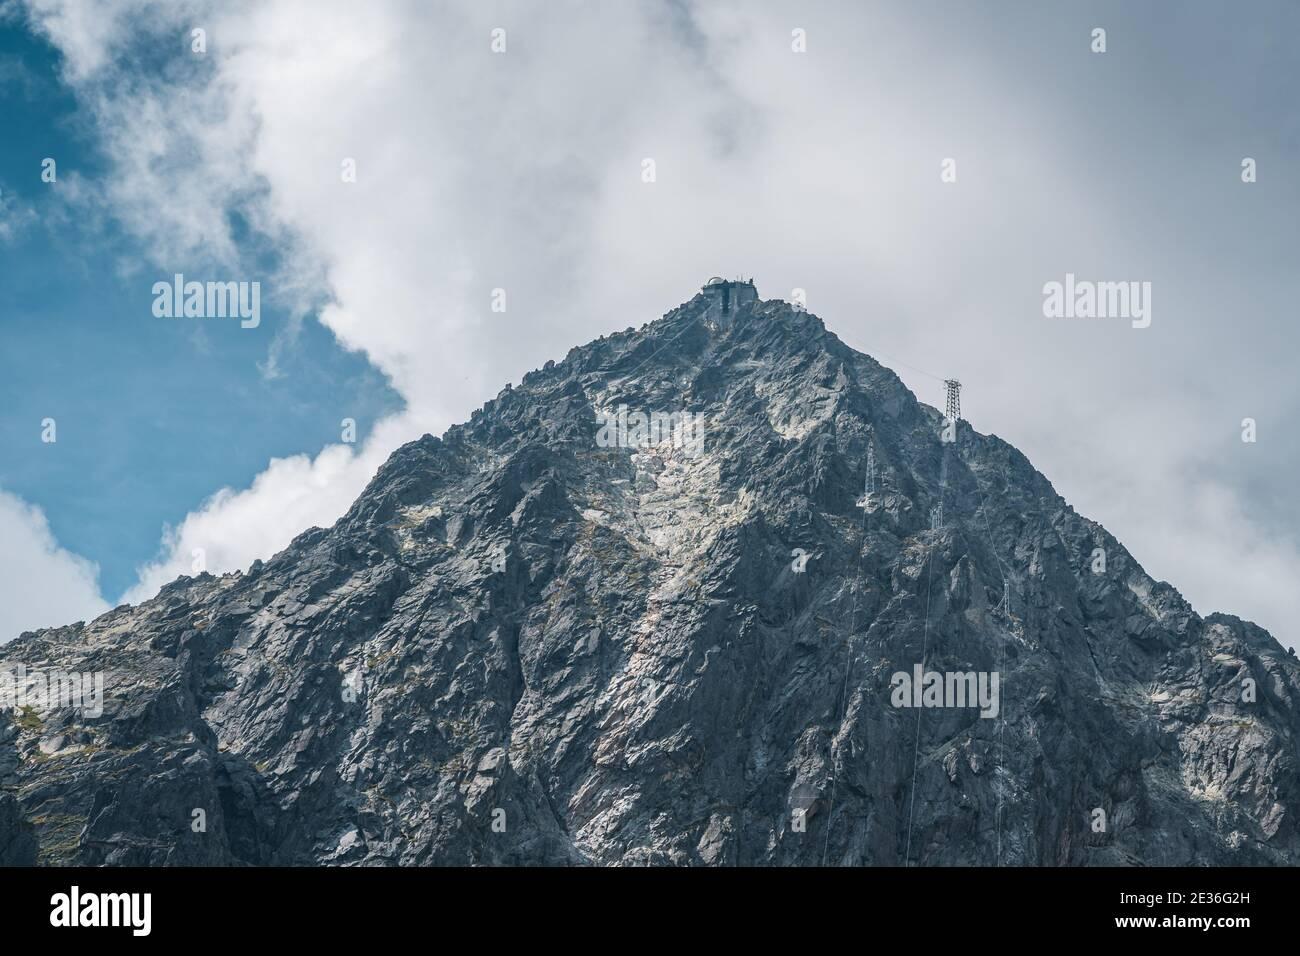 Blick auf den Lomnicky Stit Gipfel, berühmten felsigen Gipfel in der Hohen Tatra, Slowakei. Wolkiger windiger Tag. Stockfoto